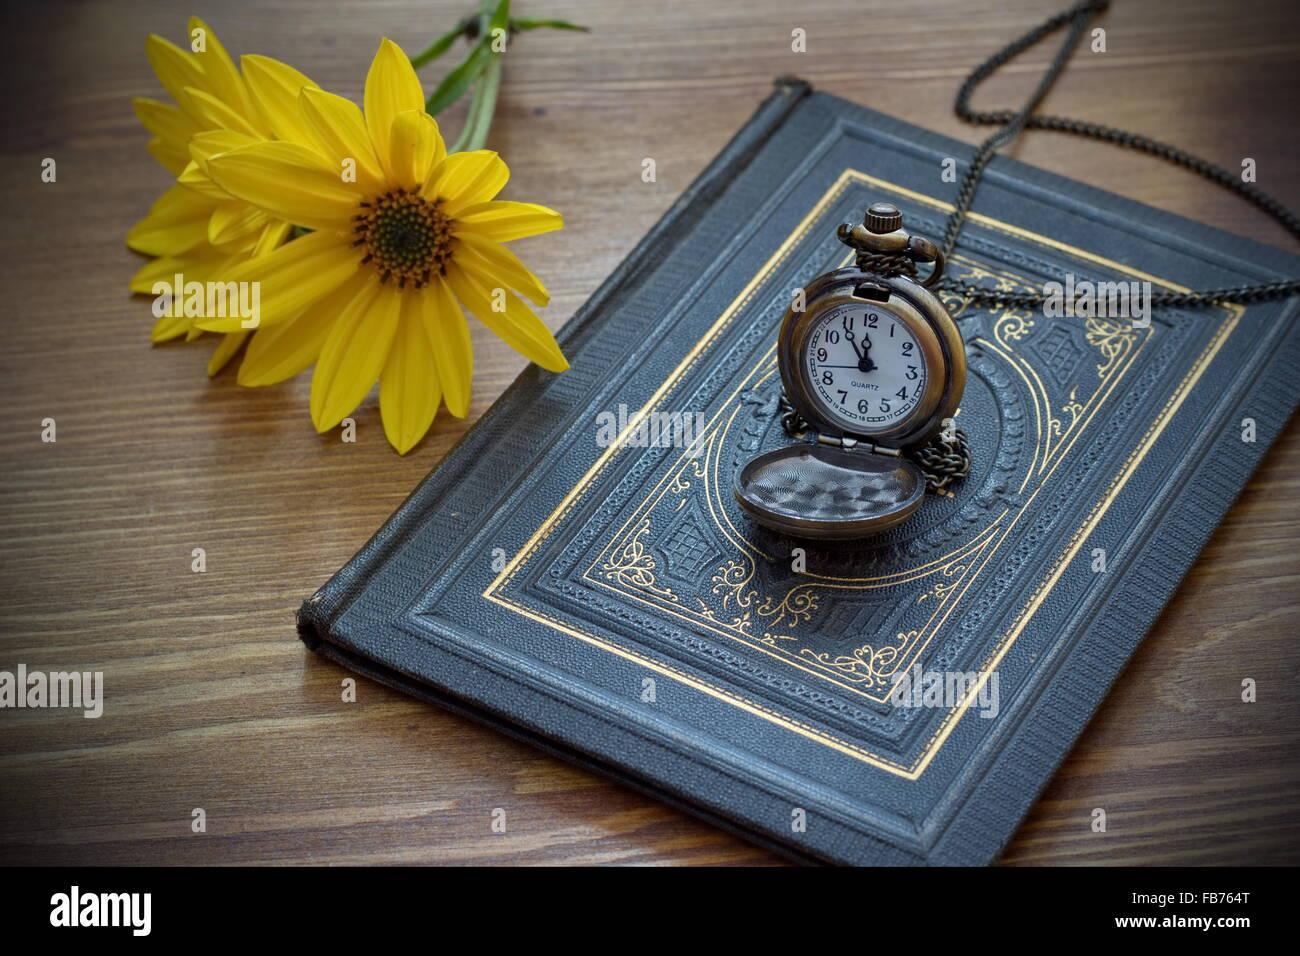 Vintage montre de poche et fleur jaune allongé sur le vieux livre Photo Stock